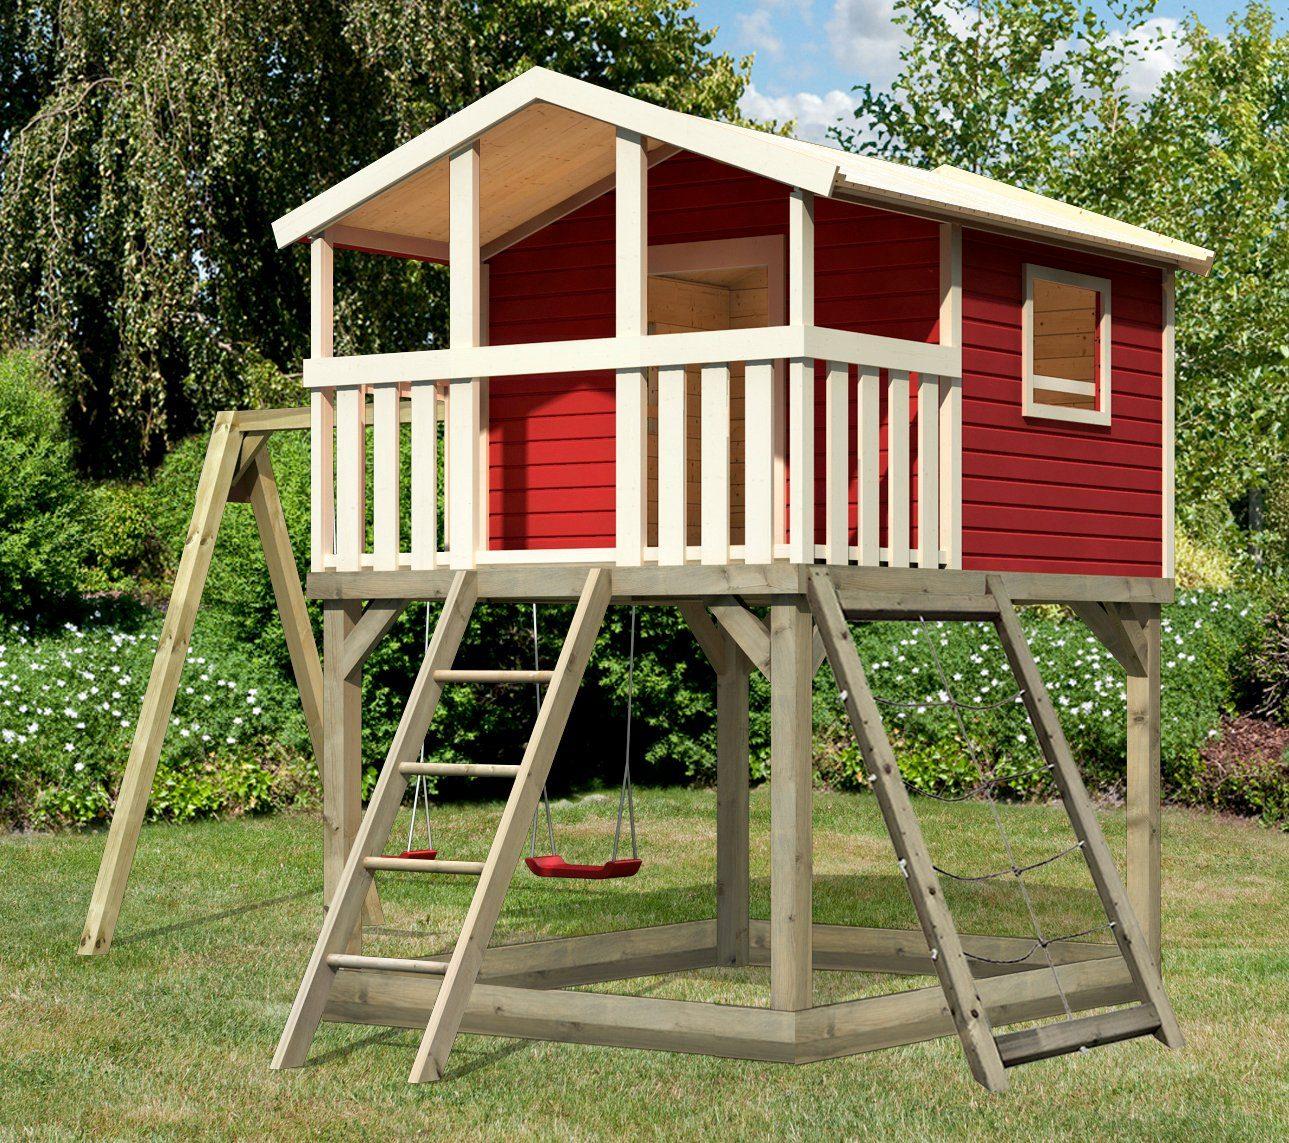 KARIBU Spielturm »Unfug 17«, BxT: 470x339 cm, mit Sandkasten, Doppelschaukel, Netzrampe